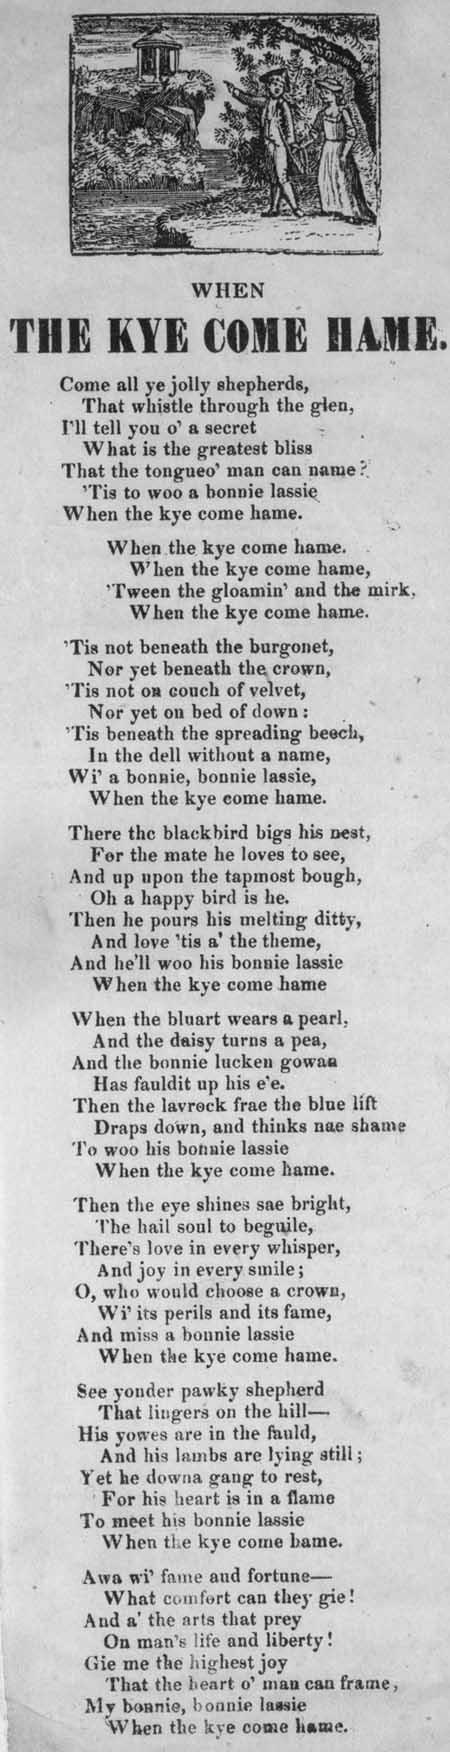 Broadside ballad entitled 'When the Kye Come Hame'